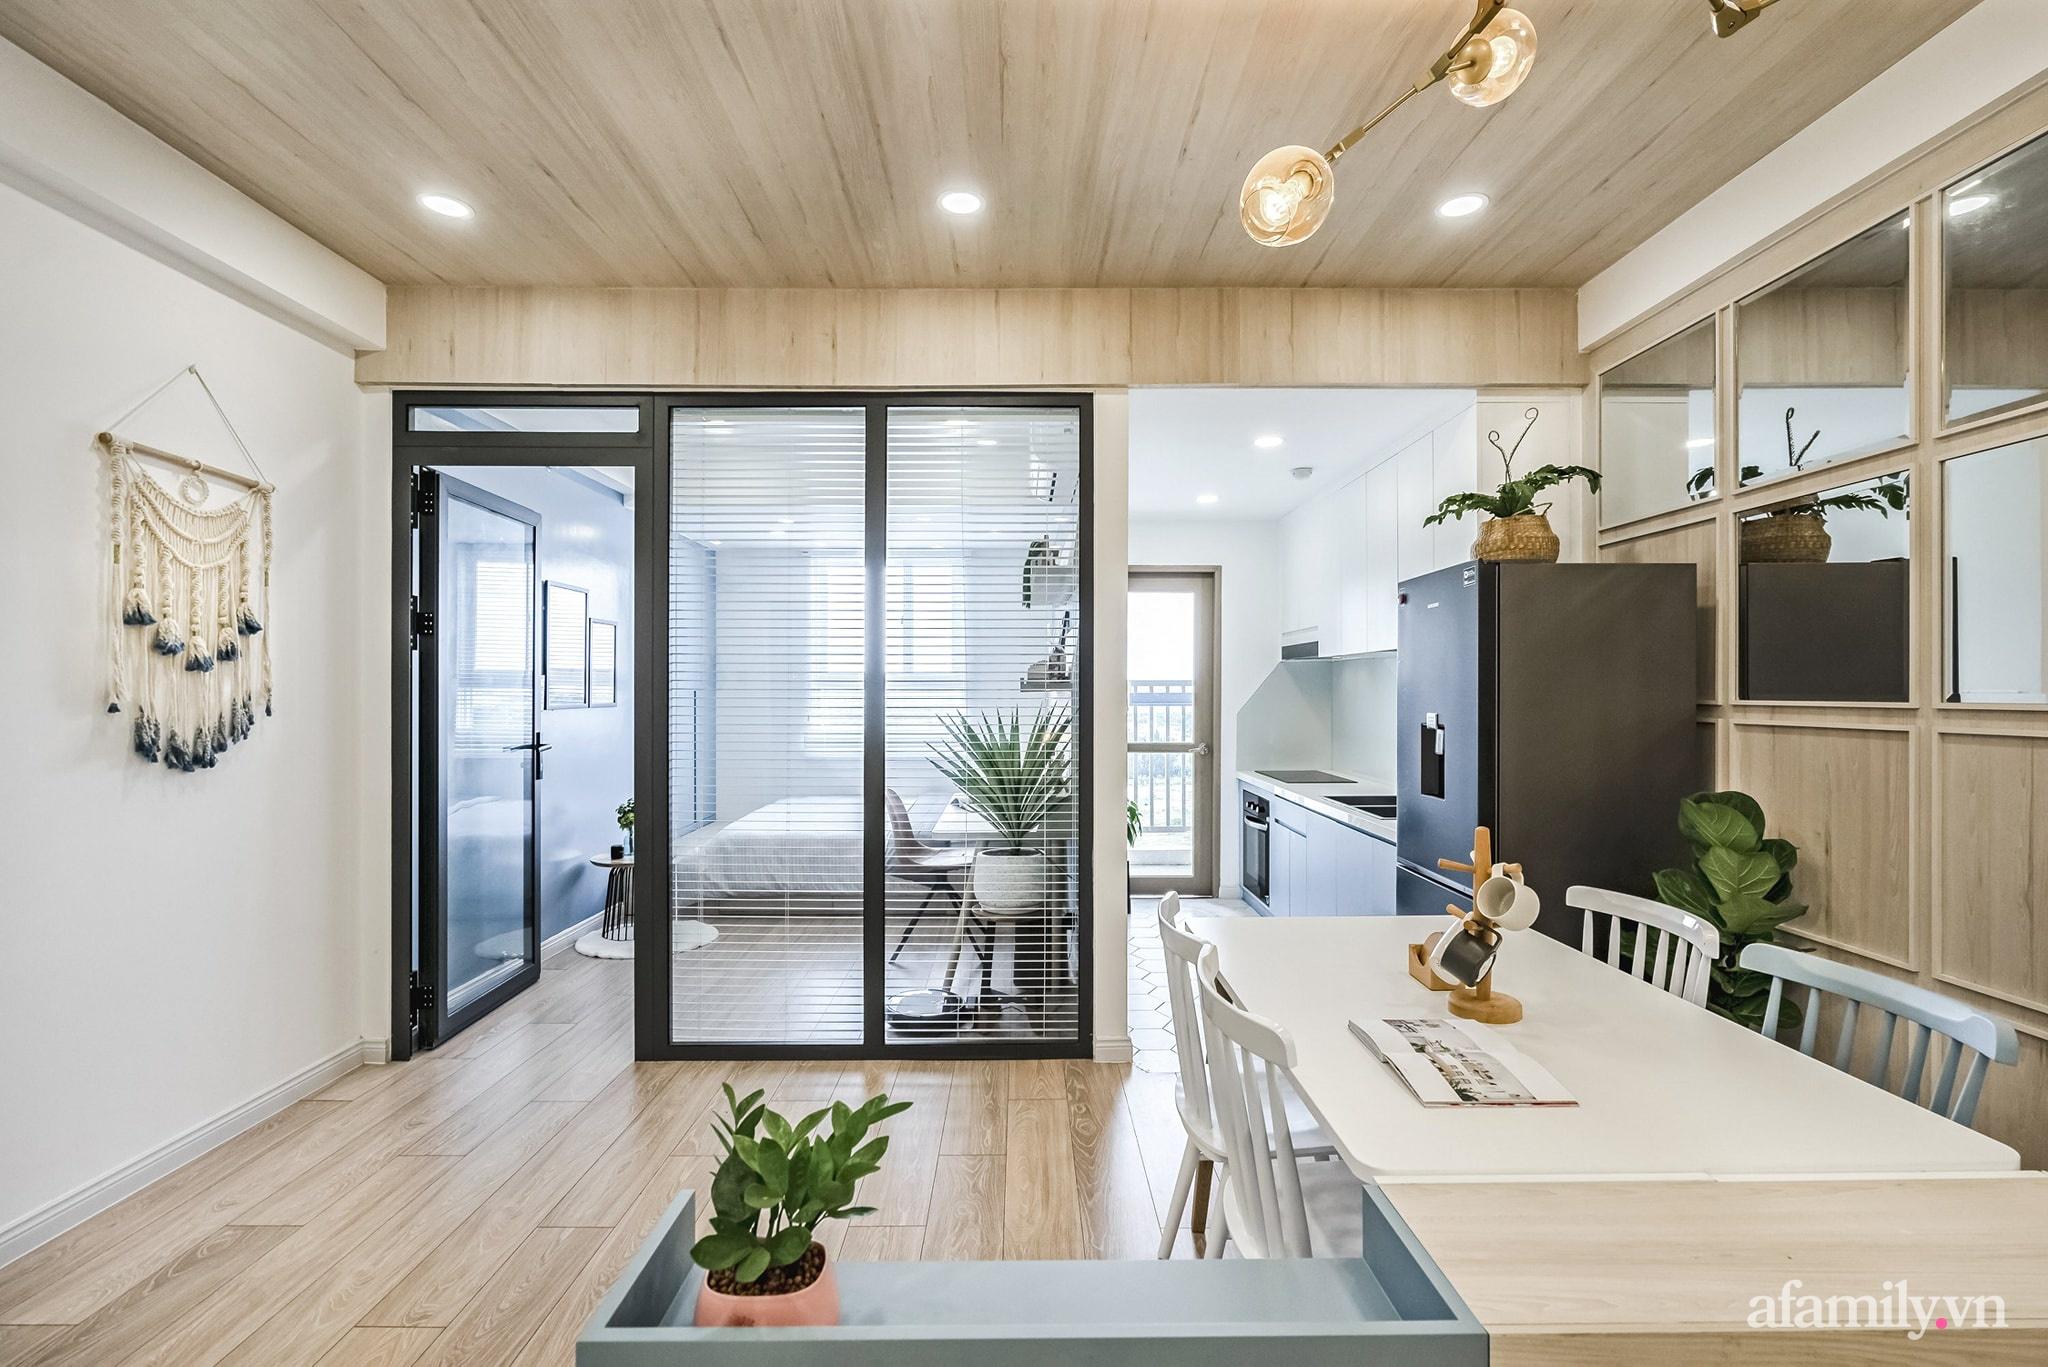 Căn hộ 65m² màu xanh yên bình của chàng trai quyết tâm mua nhà trước tuổi 30 ở Sài Gòn - Ảnh 8.